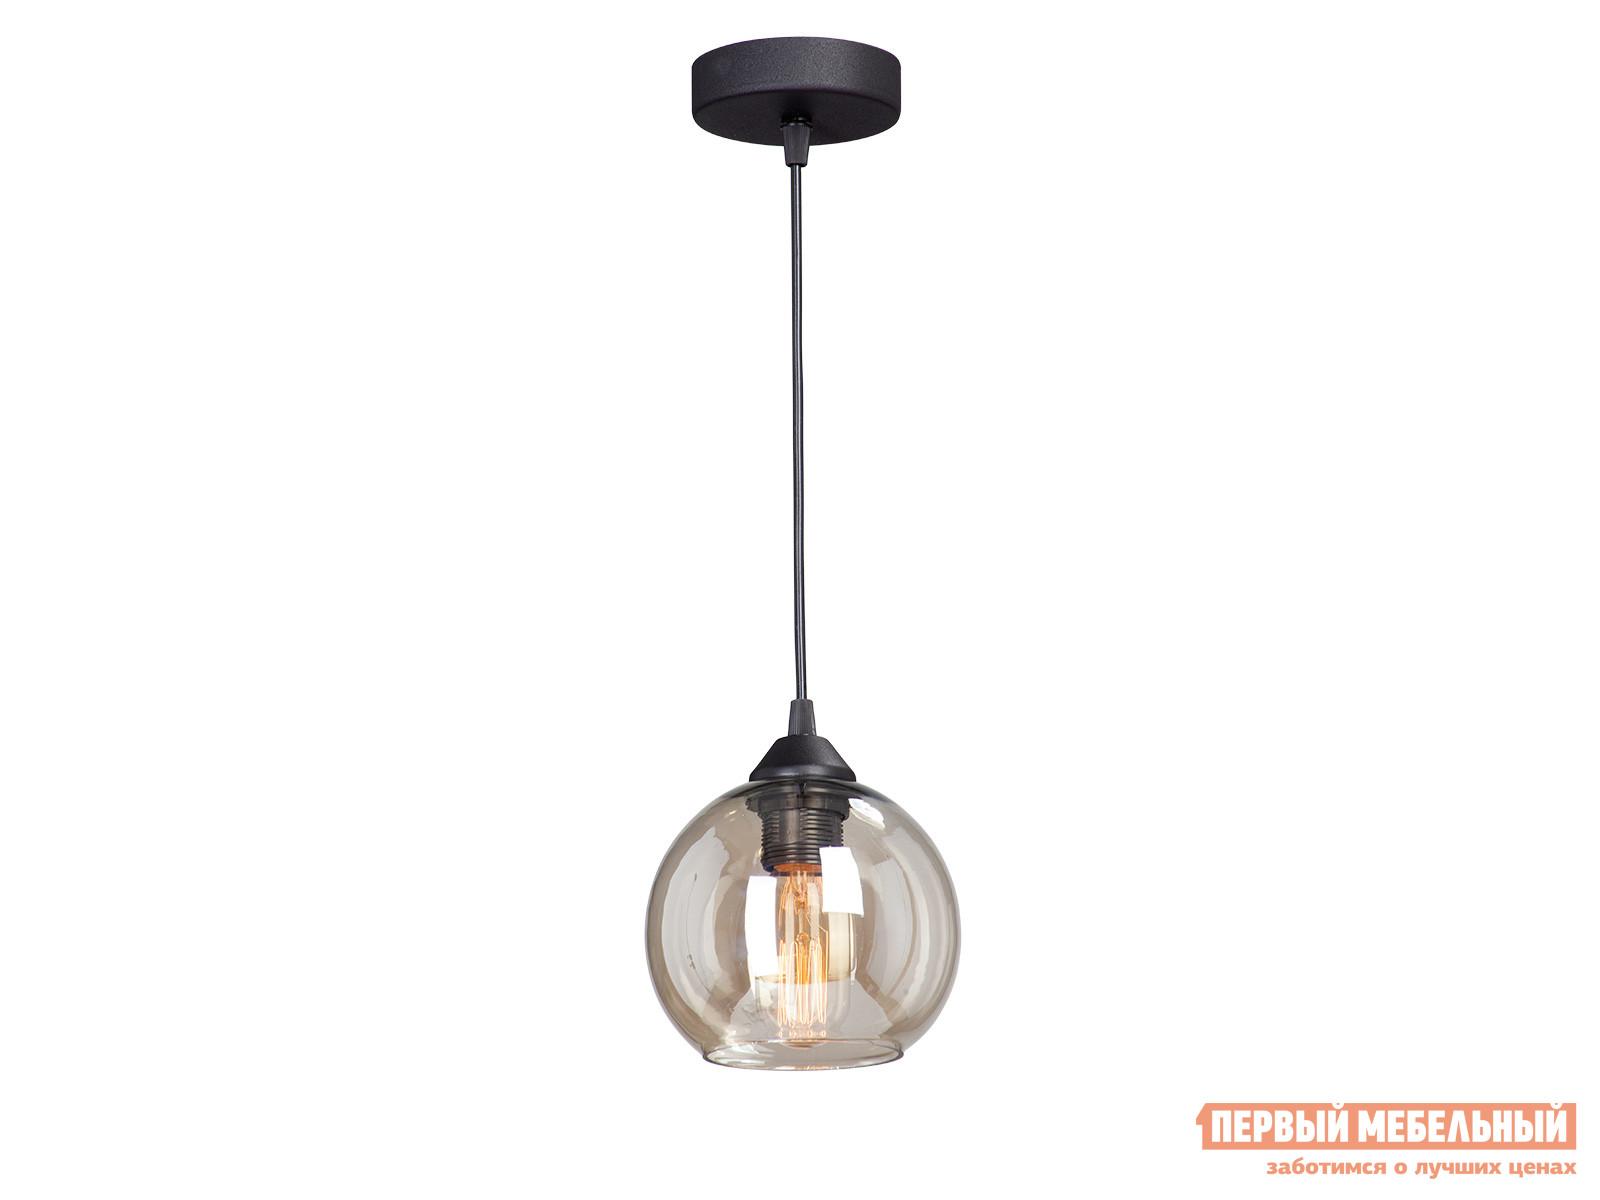 Подвесной светильник КСК-электро Люстра V4540-1/1S